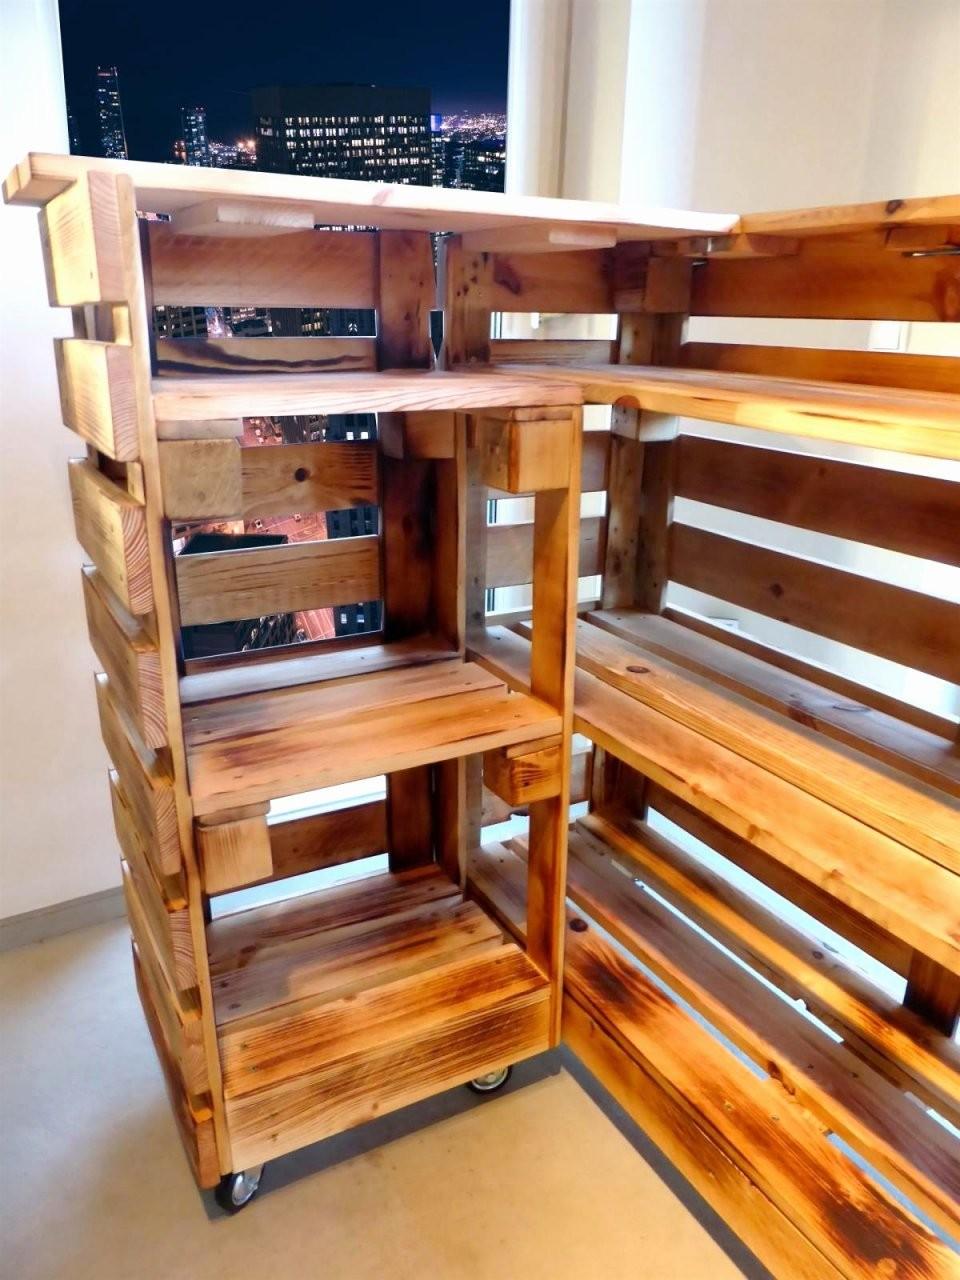 Bar Theke Bauen Einzigartig 33 Hausbar Selber Bauen Ideen von Bar Selber Bauen Paletten Bild